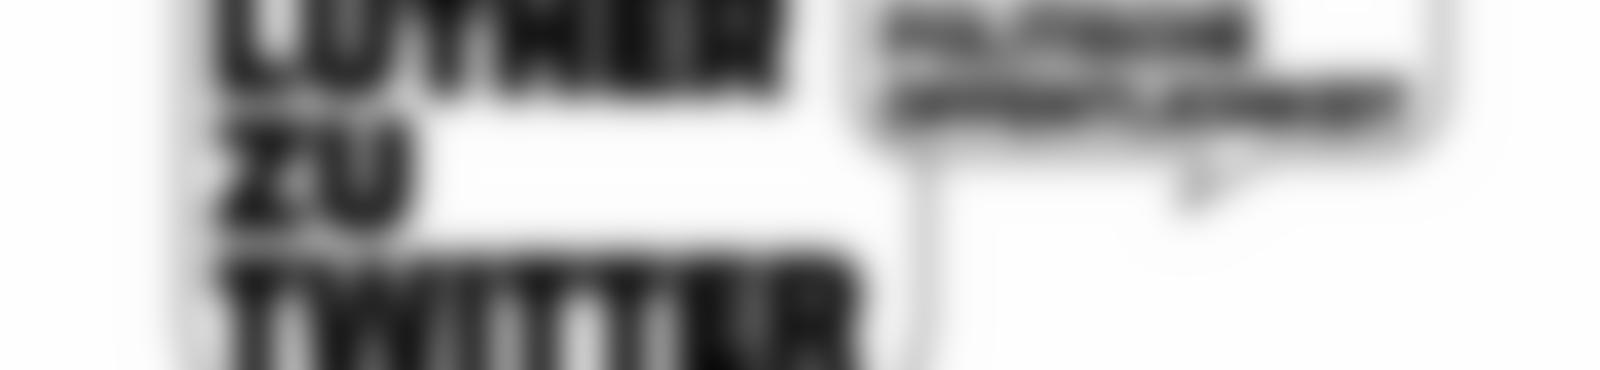 Blurred 7364b292 9900 49e1 9601 5e1397278559